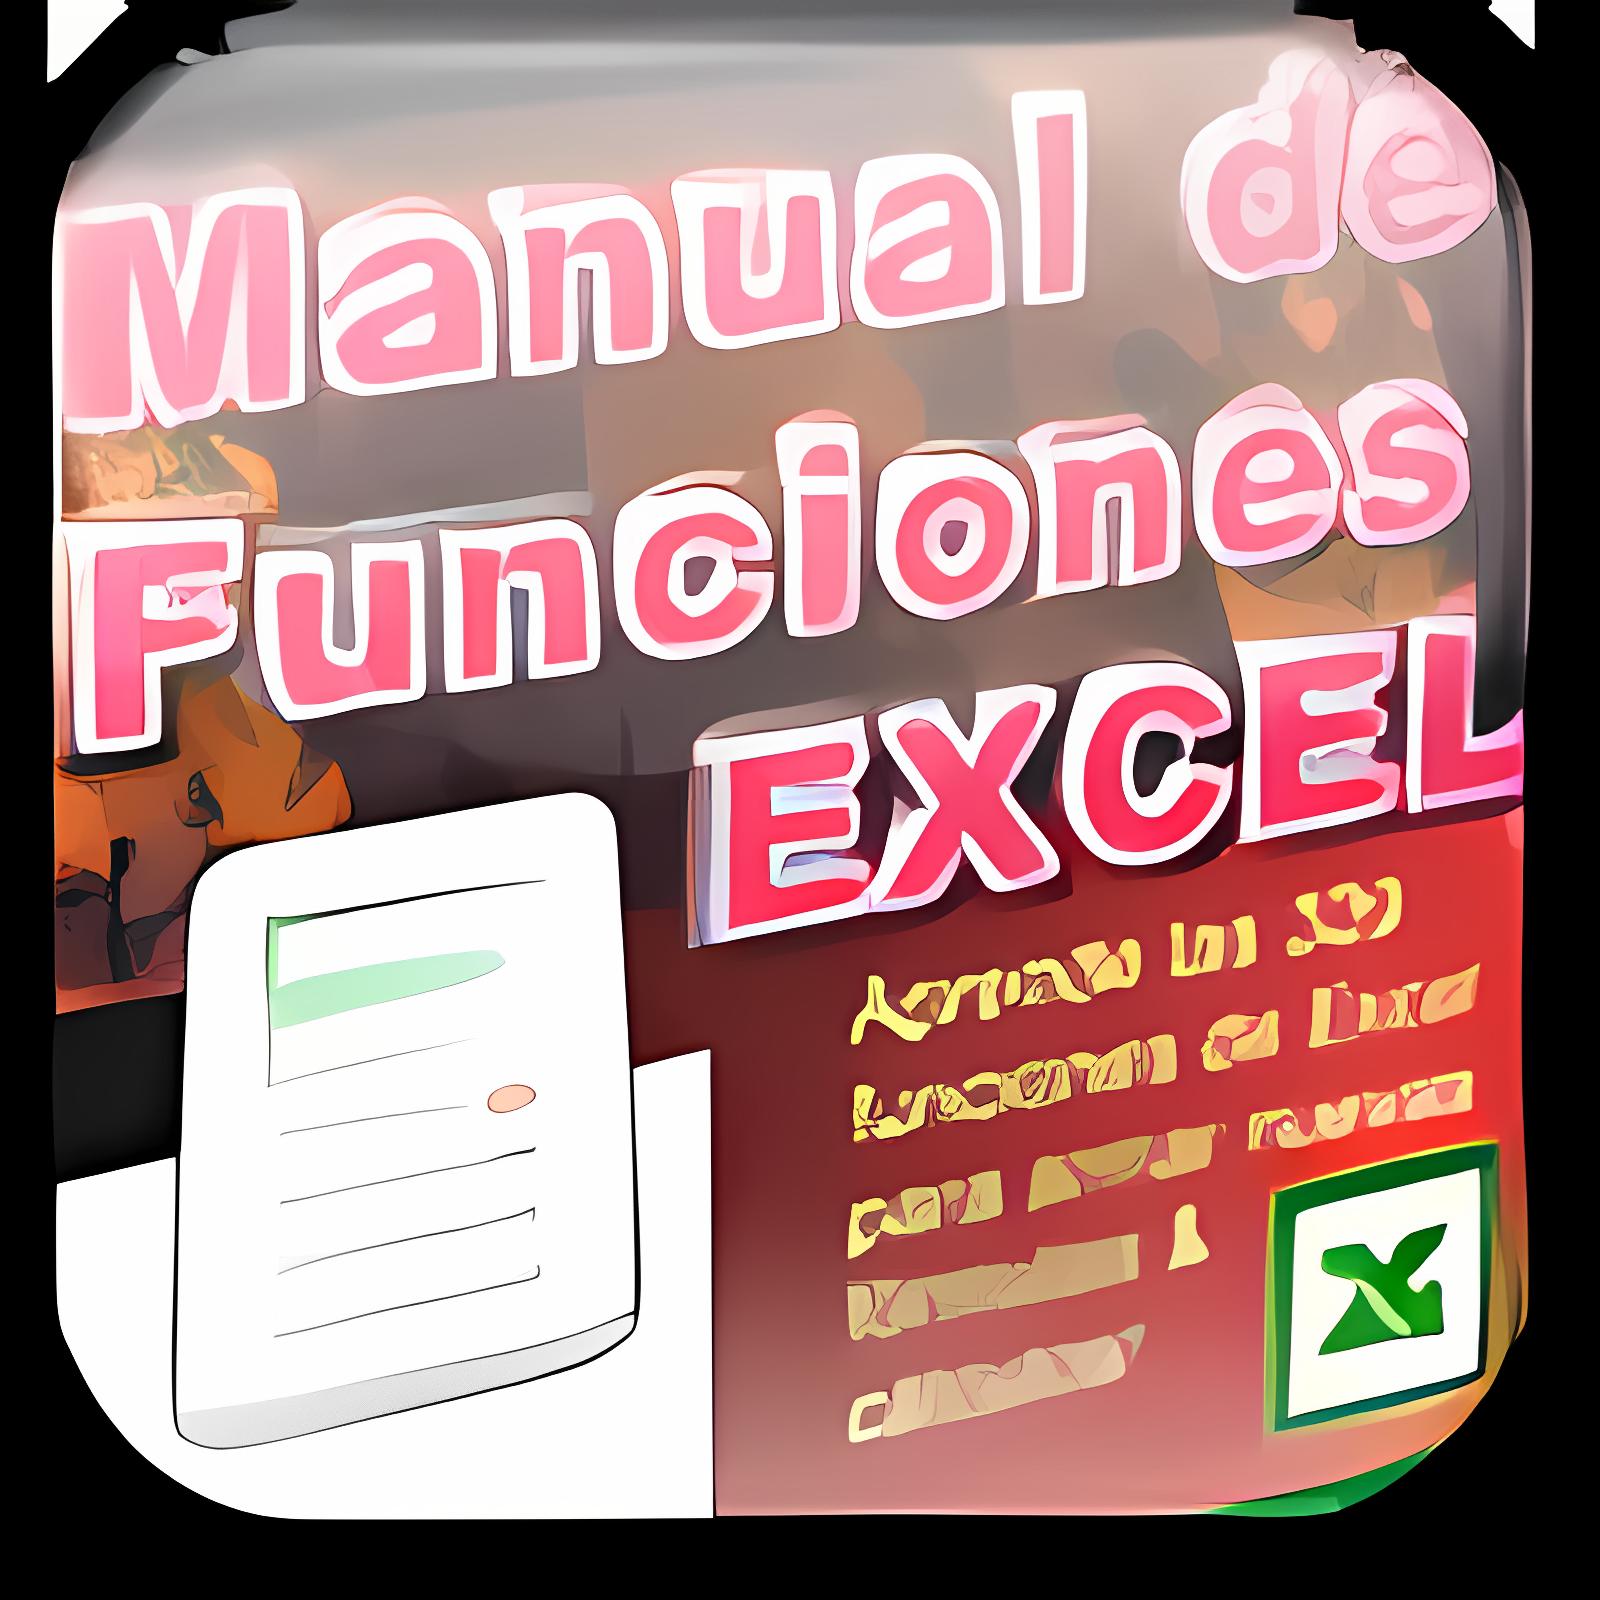 Manual de Funciones Excel 2.0